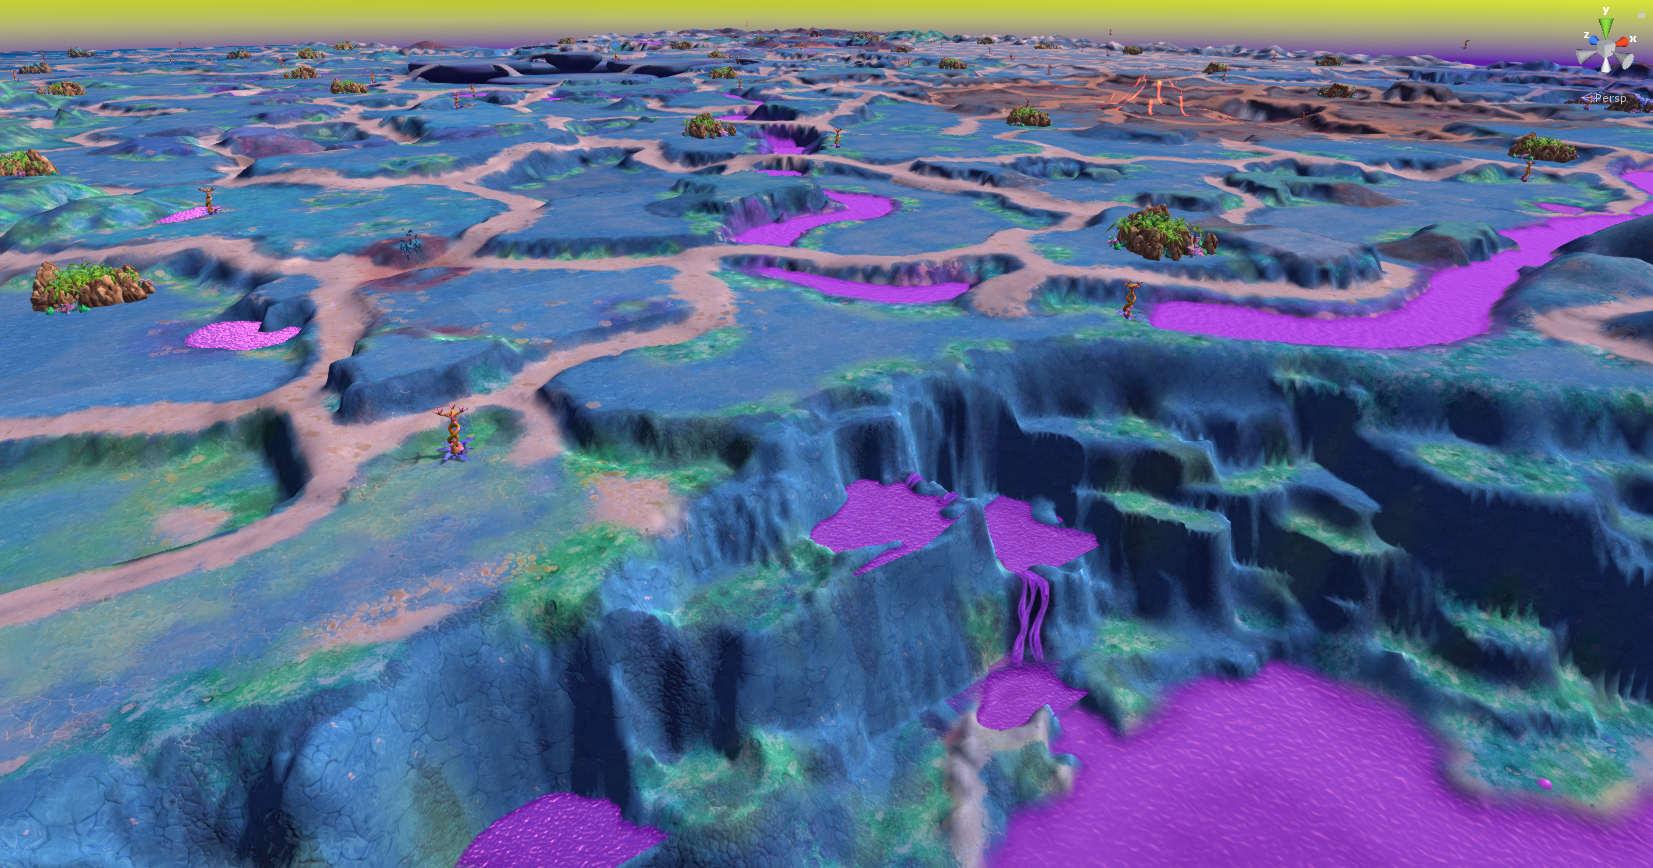 terrain mesh